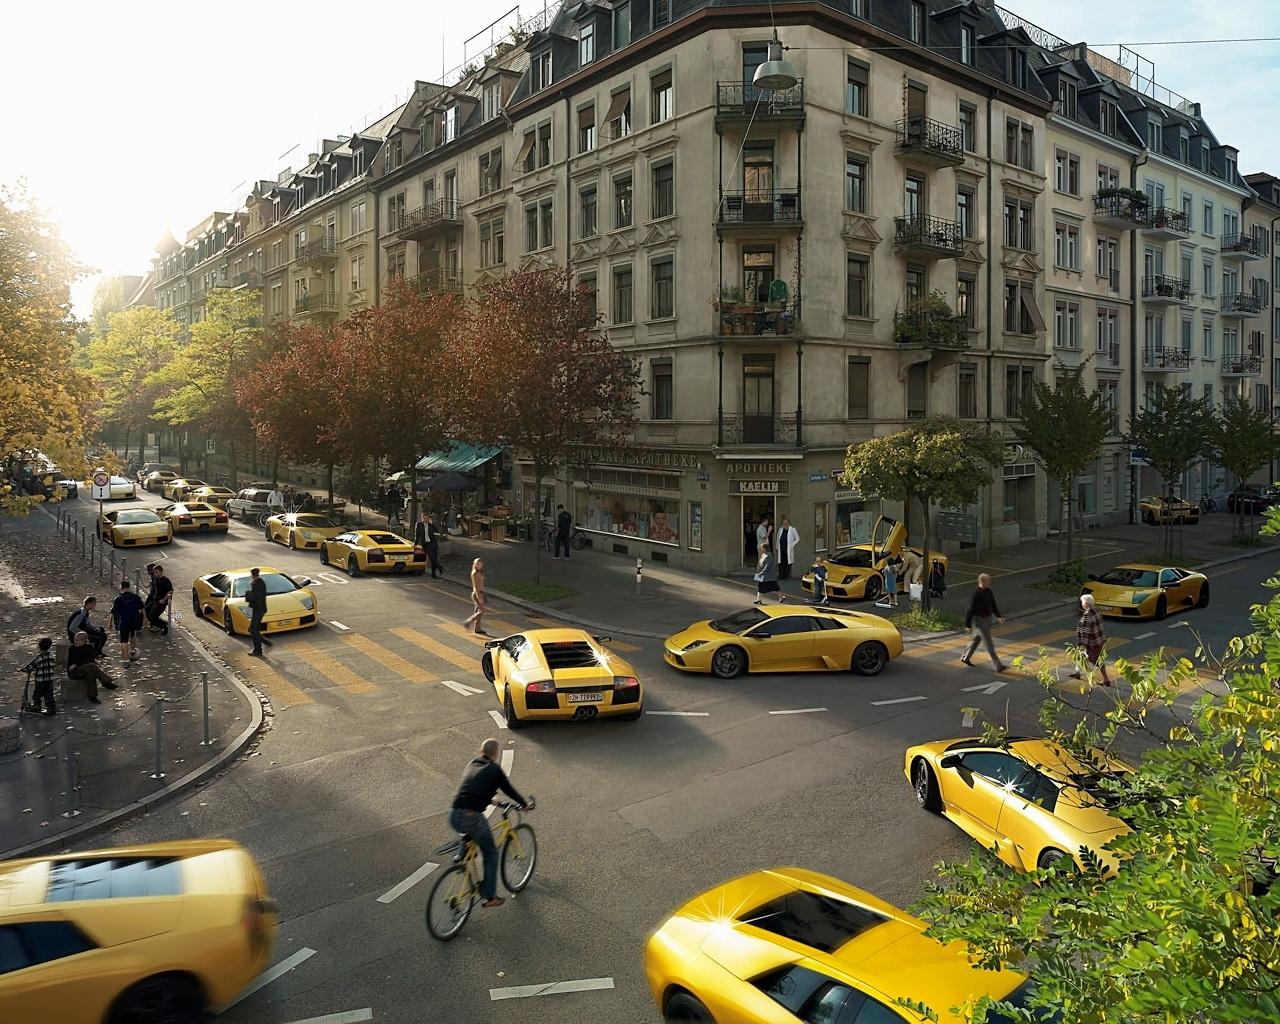 4178 скачать обои Транспорт, Пейзаж, Города, Машины, Улицы, Ламборджини (Lamborghini) - заставки и картинки бесплатно